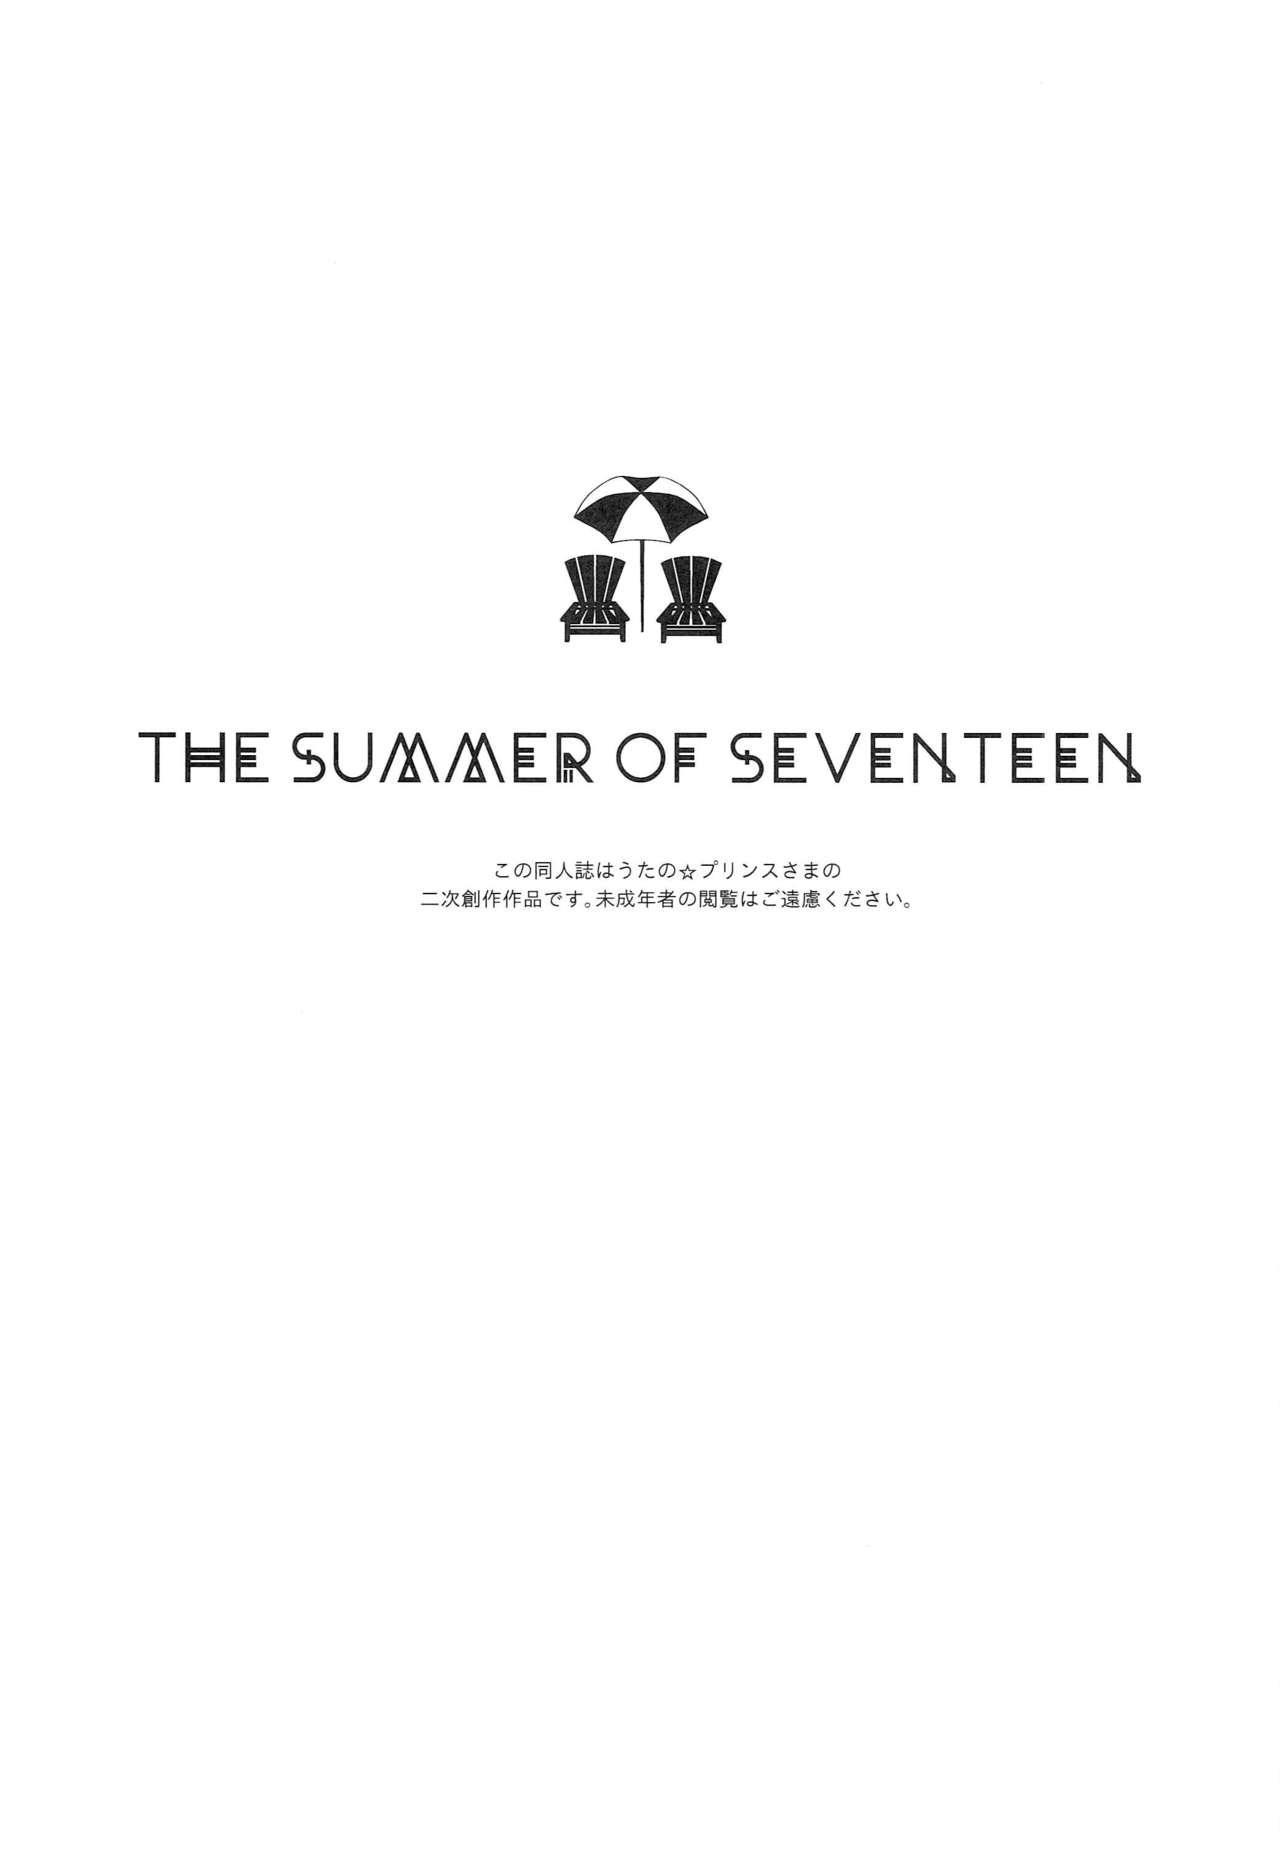 THE SUMMER OF SEVENTEEN 1